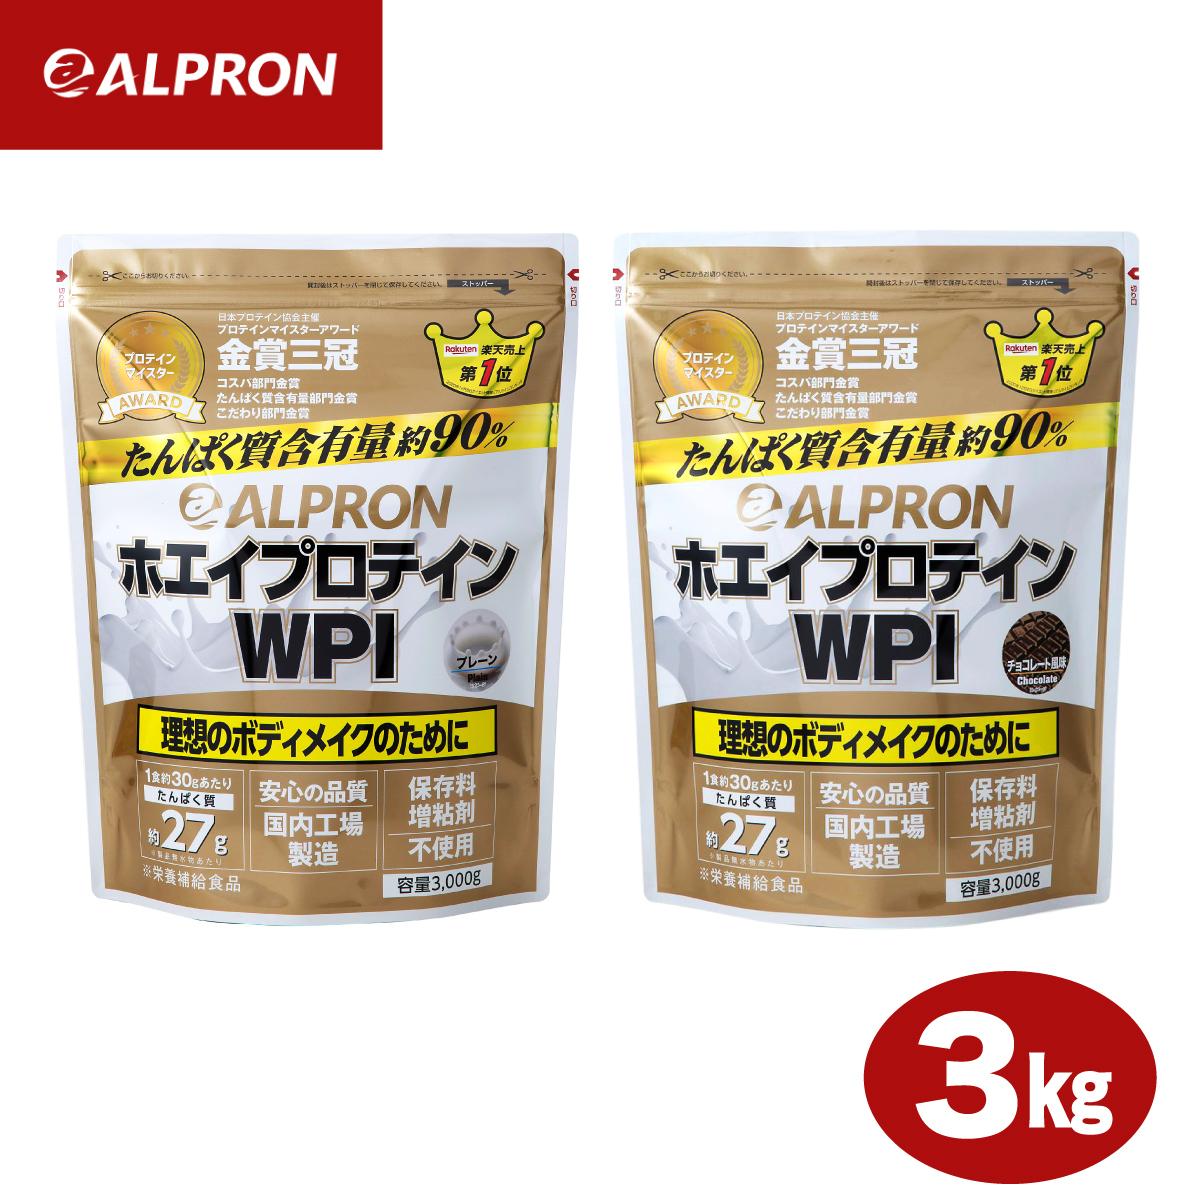 プロテイン ホエイ wpi 筋トレ 男性 女性 アミノ酸スコア100 アルプロン ホエイプロテイン 格安 価格でご提供いたします ALPRON WPI 国産 プレーン 値引き チョコレート 3kg